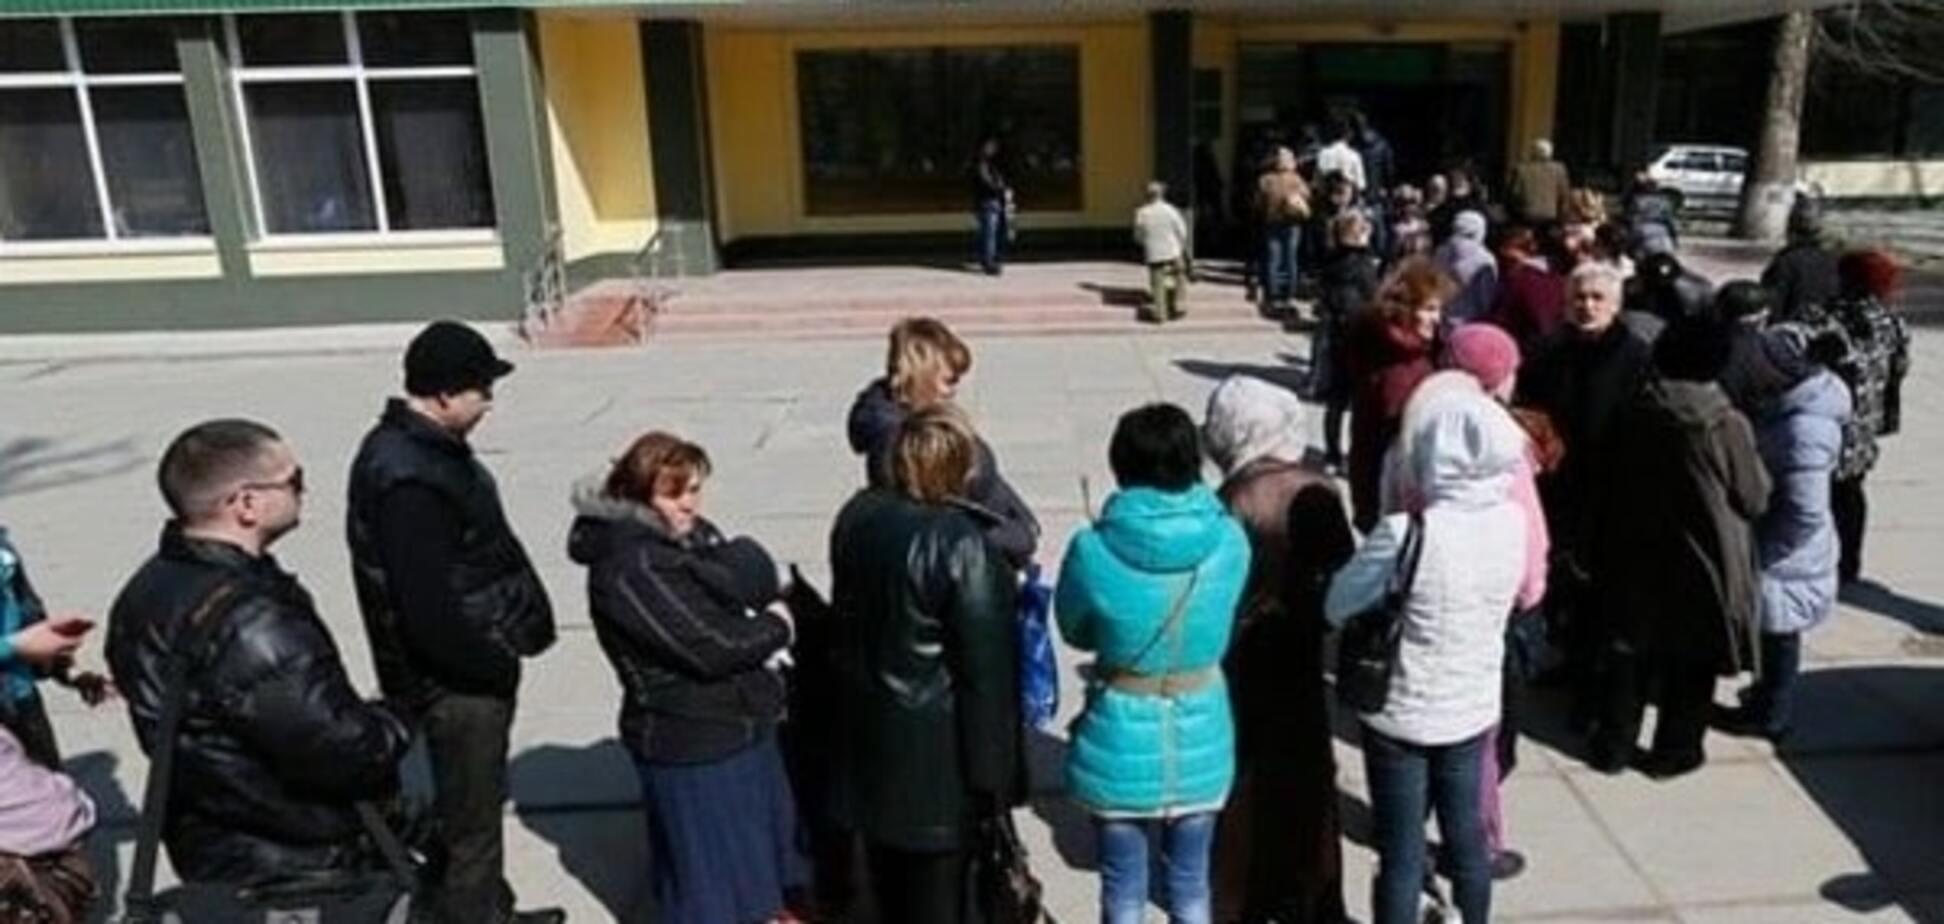 'Ощадбанк' пояснив причину величезних черг у київських відділеннях